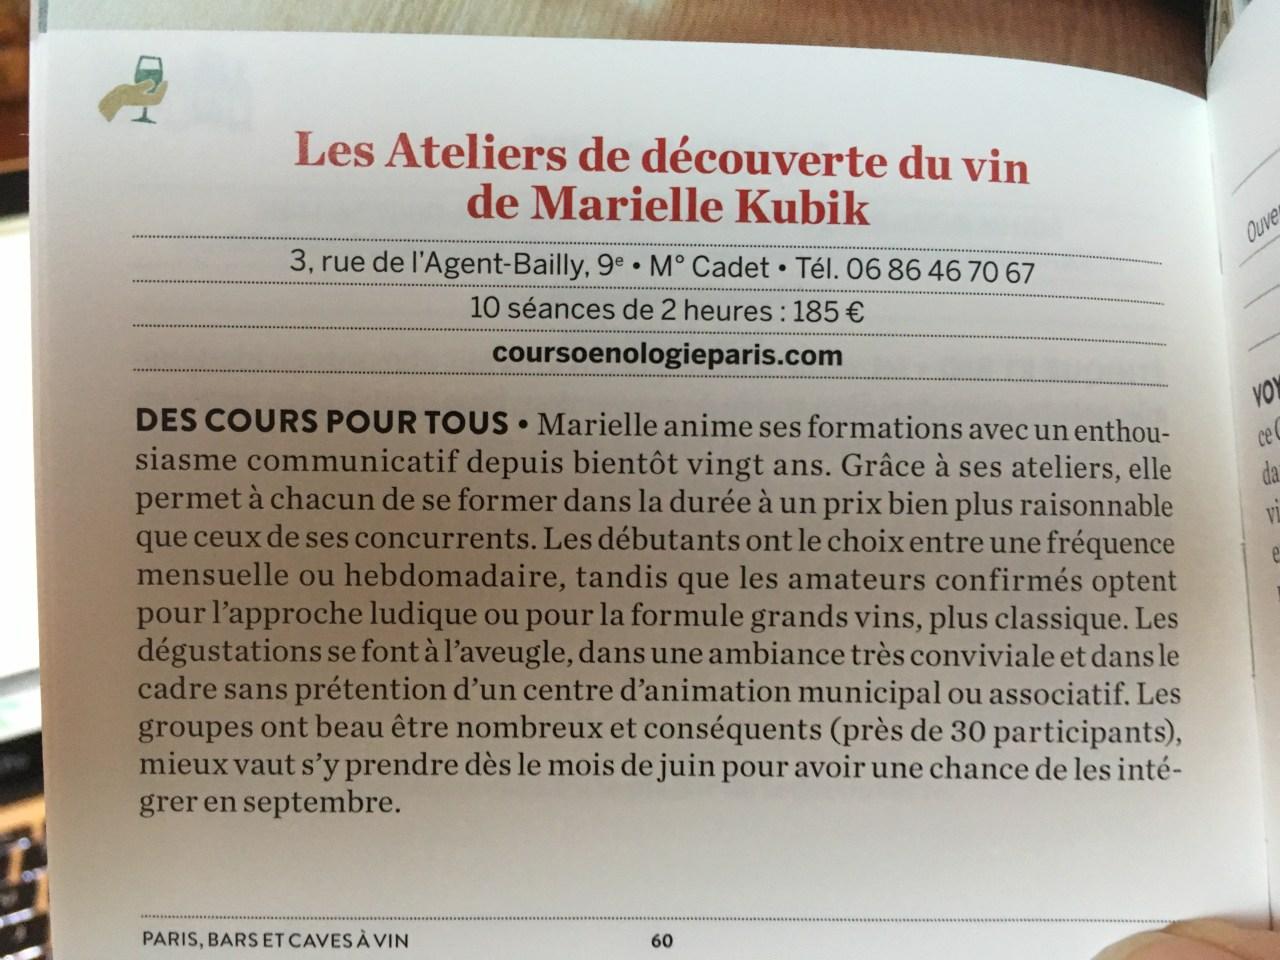 guide pari gramme les ateliers vins Marielle Kubik